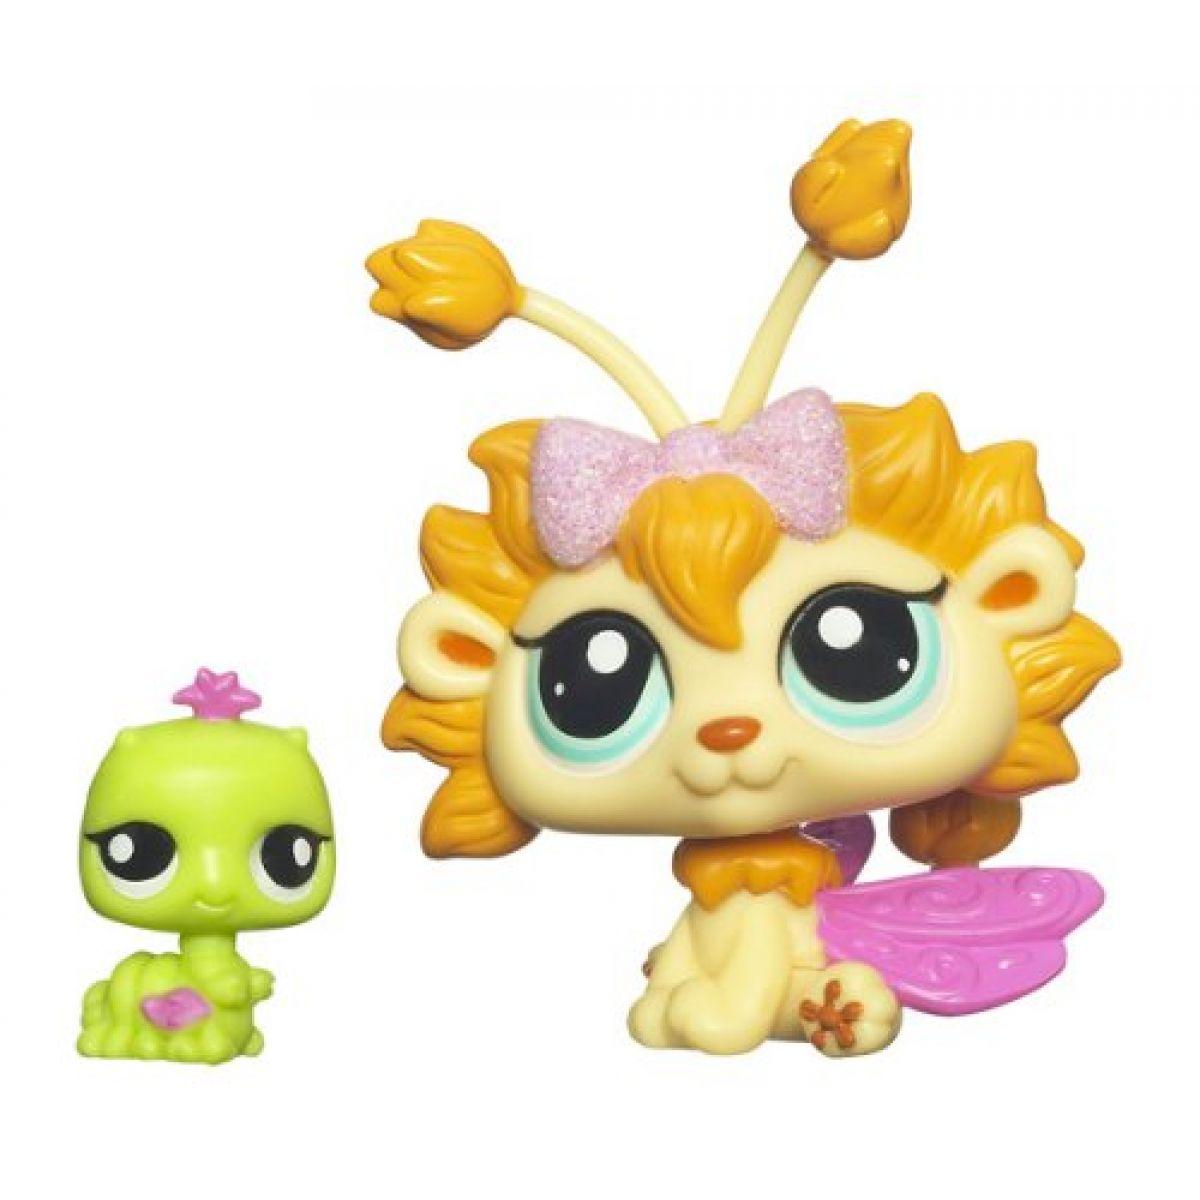 Littlest Pet Shop Okouzlující víly Hasbro - 2608 Pampeliška 2609 červík